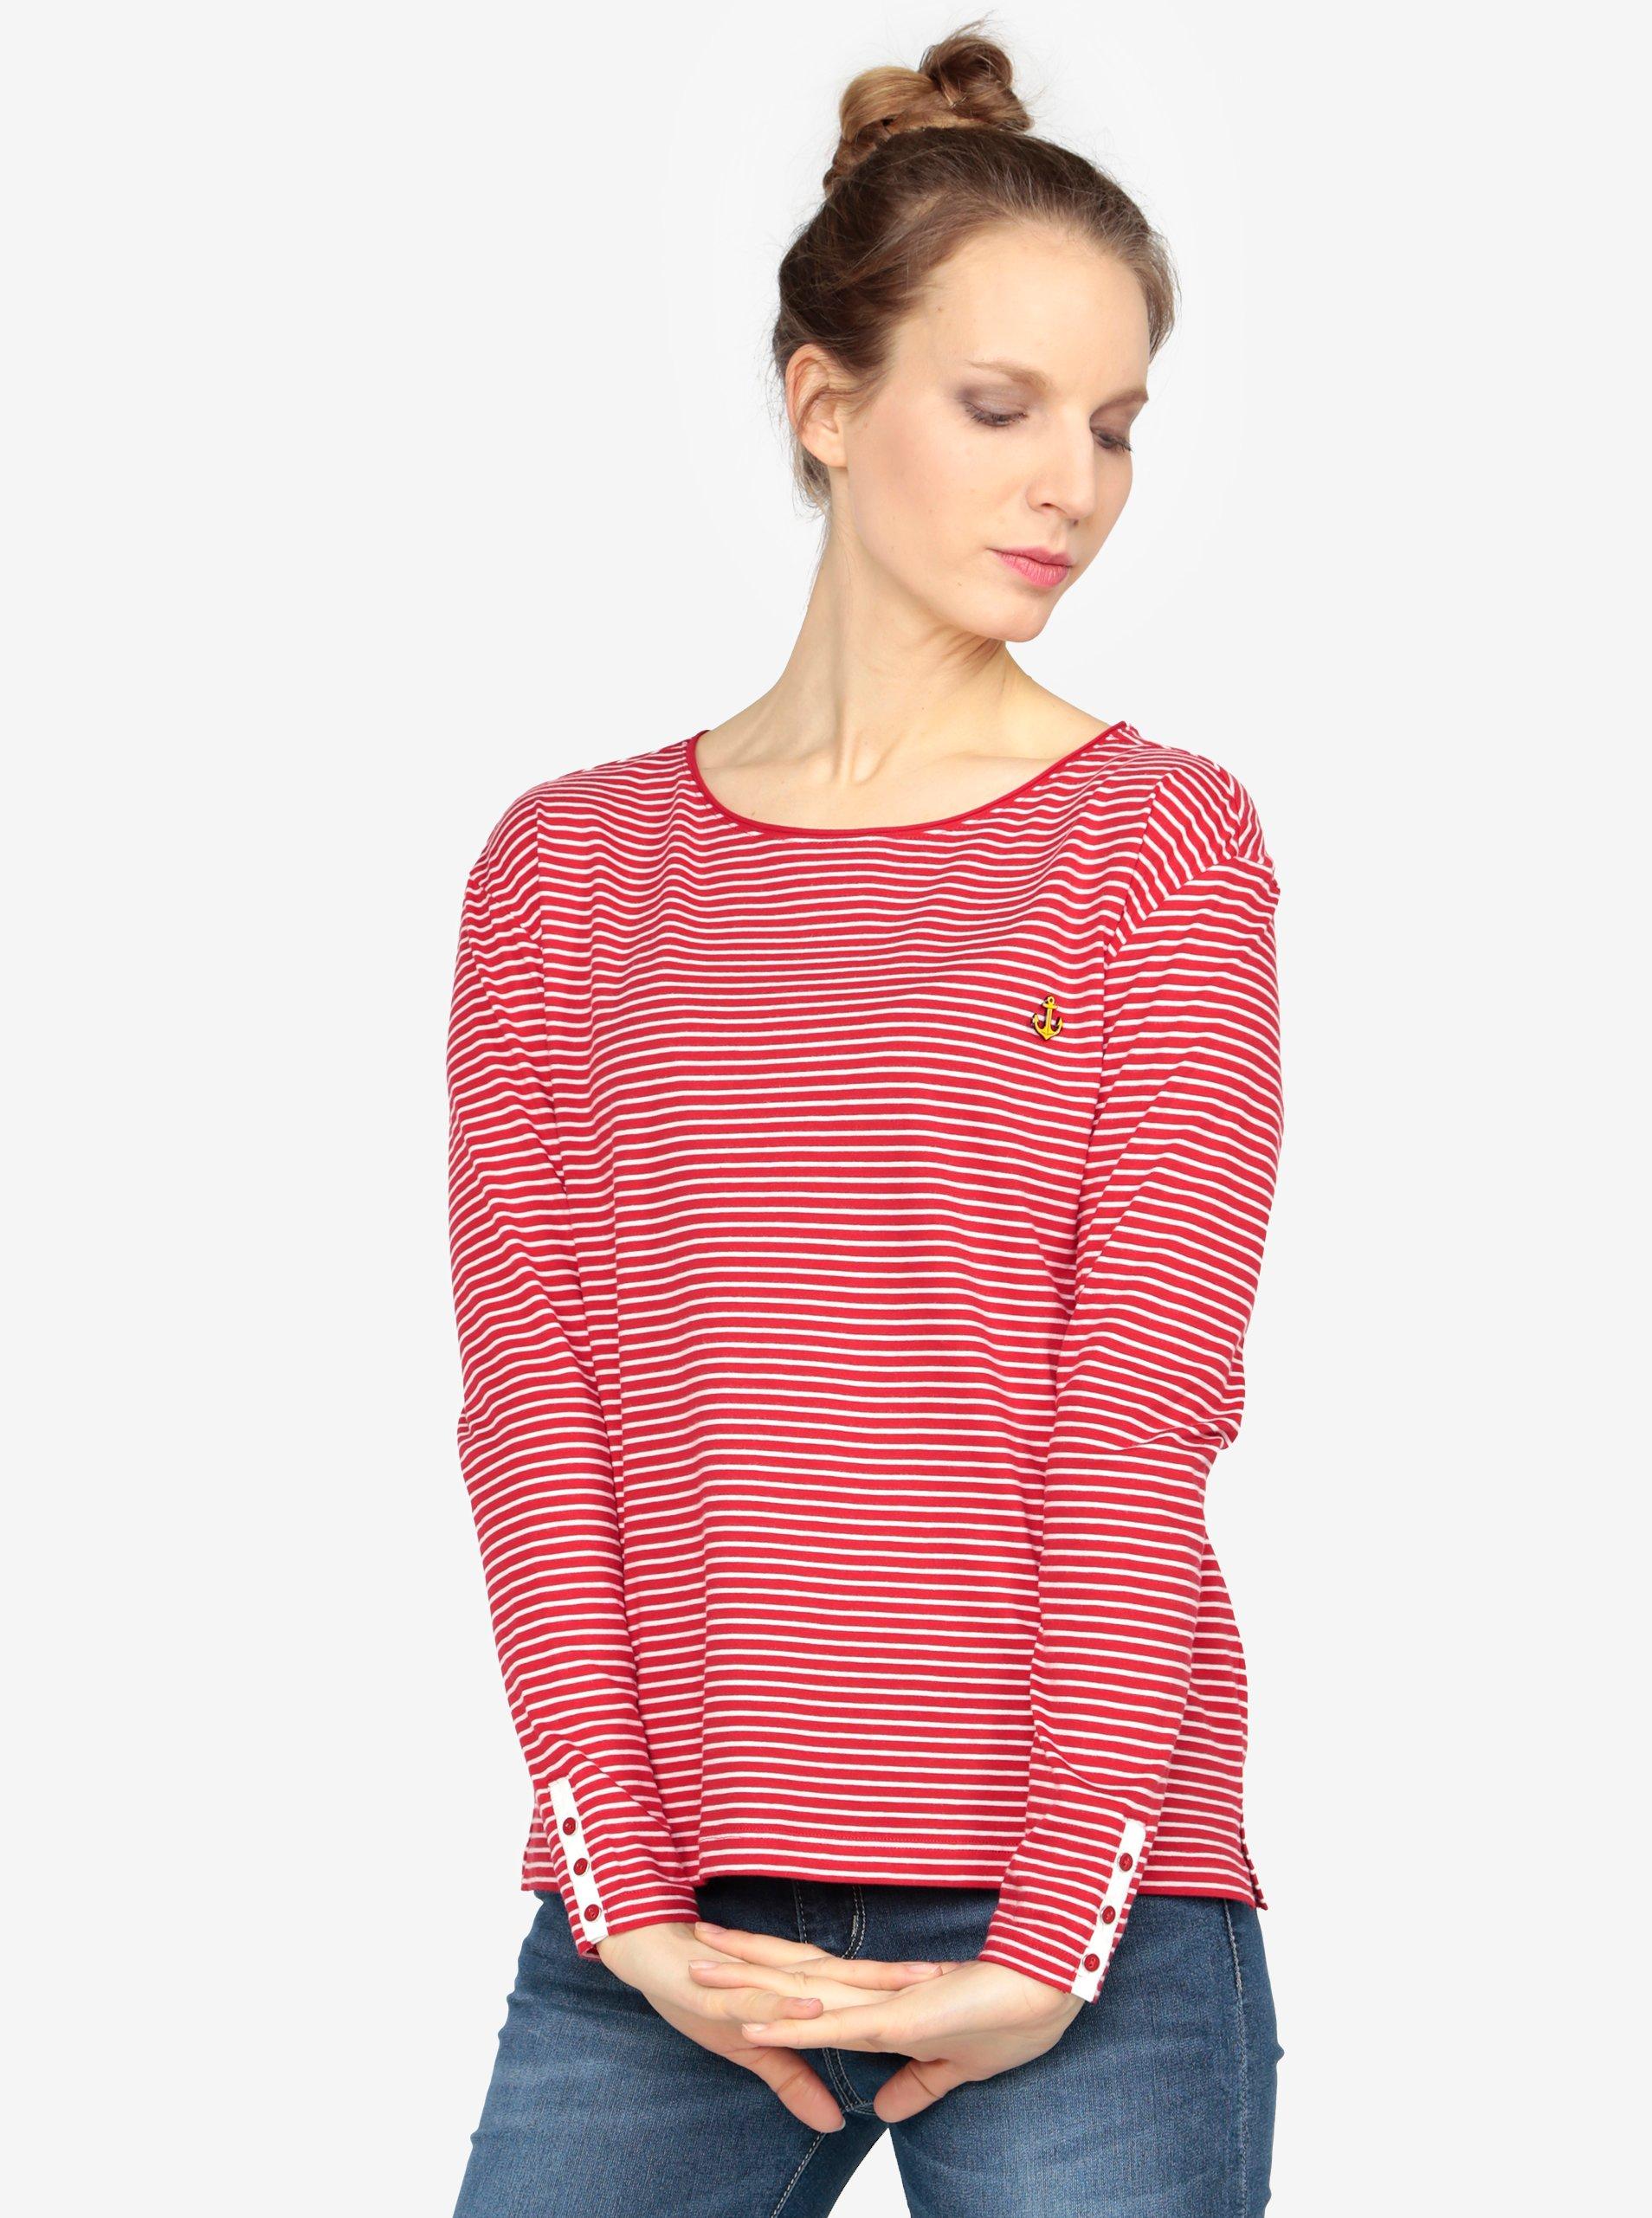 3b1d4dae192f Bielo-červené dámske oversize pruhované tričko s.Oliver